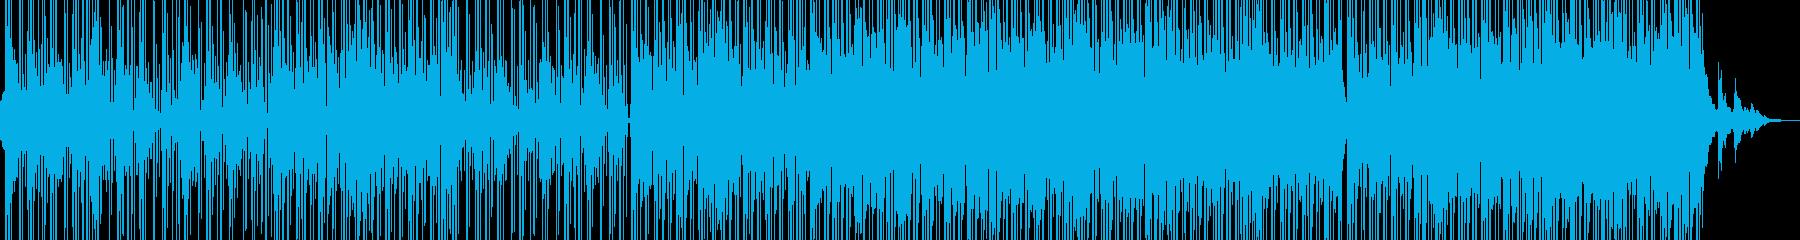 サックス・メロウな雰囲気に・R&B 短尺の再生済みの波形